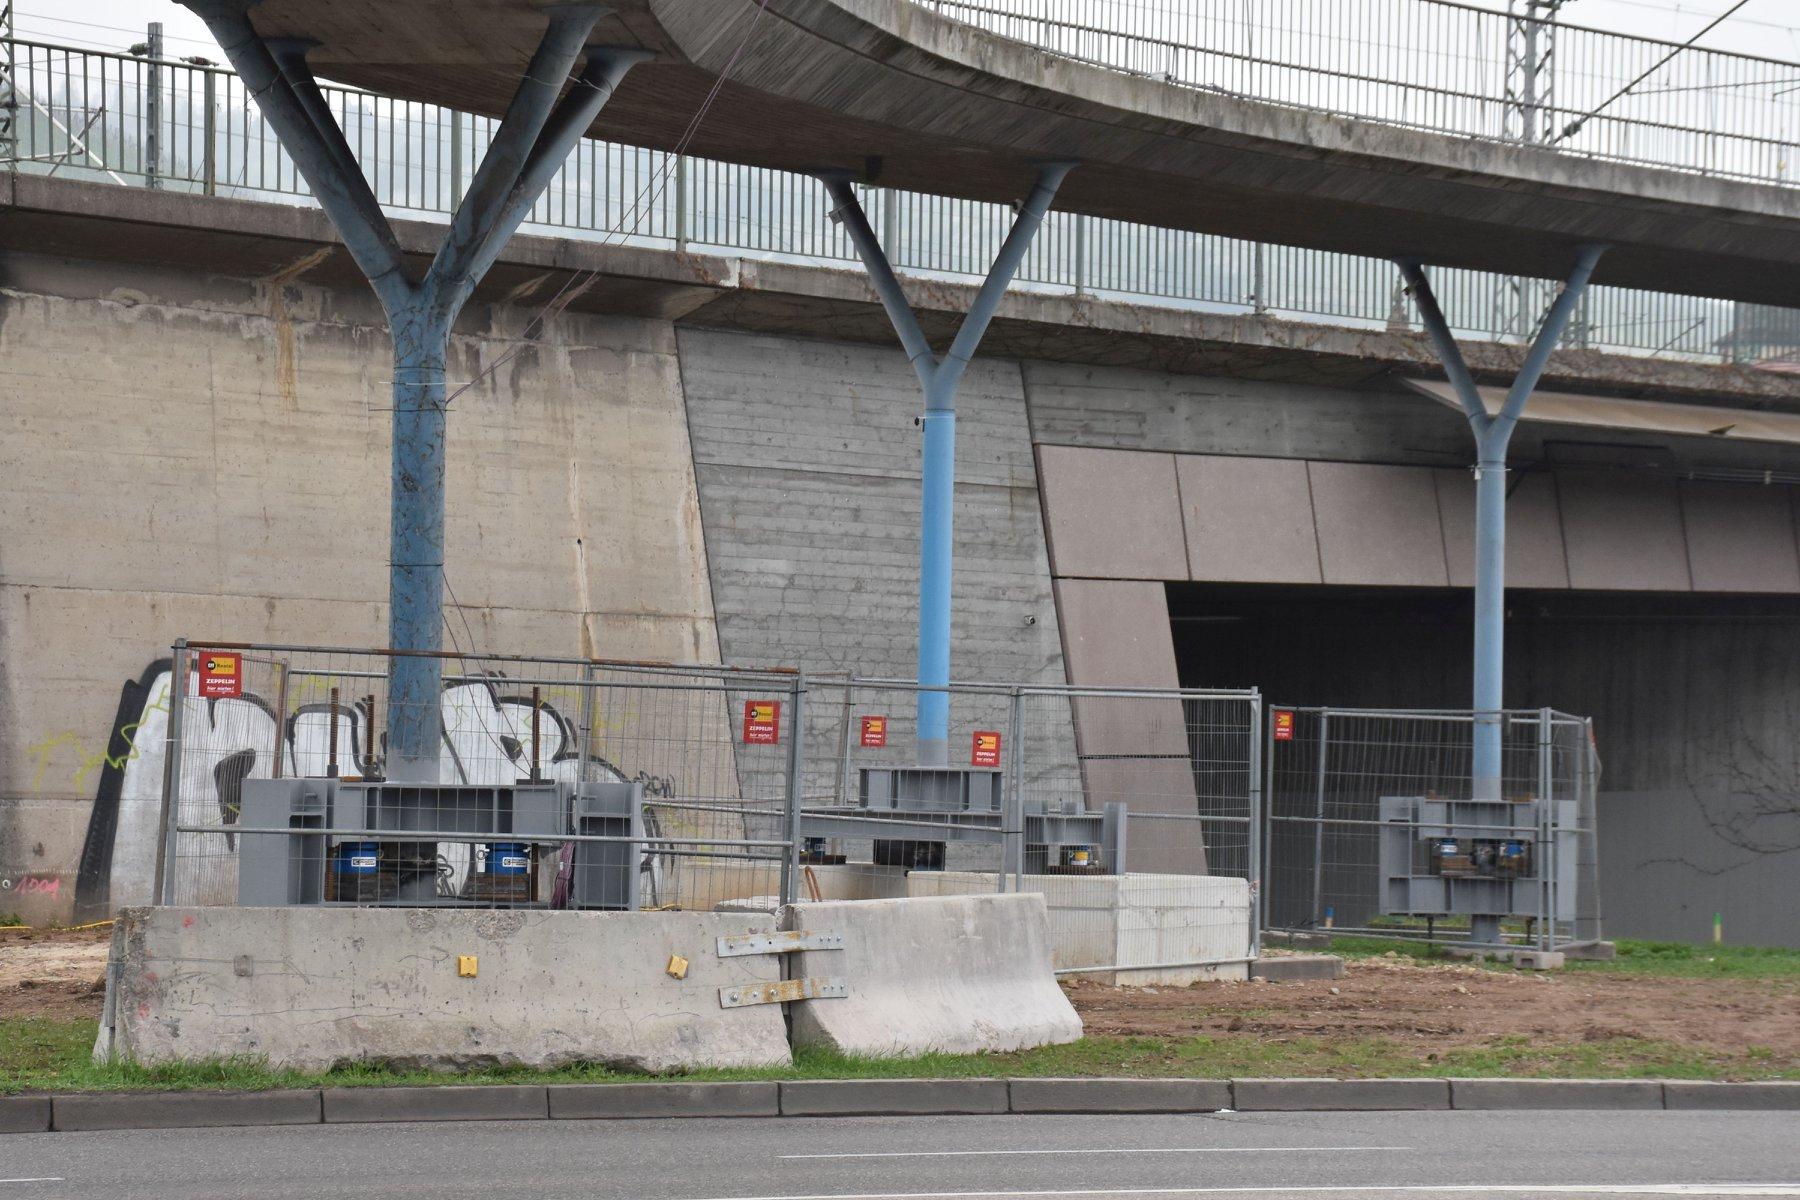 S21 Zuführung Ober- / Untertürkheim - Vortrieb auf der Zielgerade - Innenschale legt richtig los